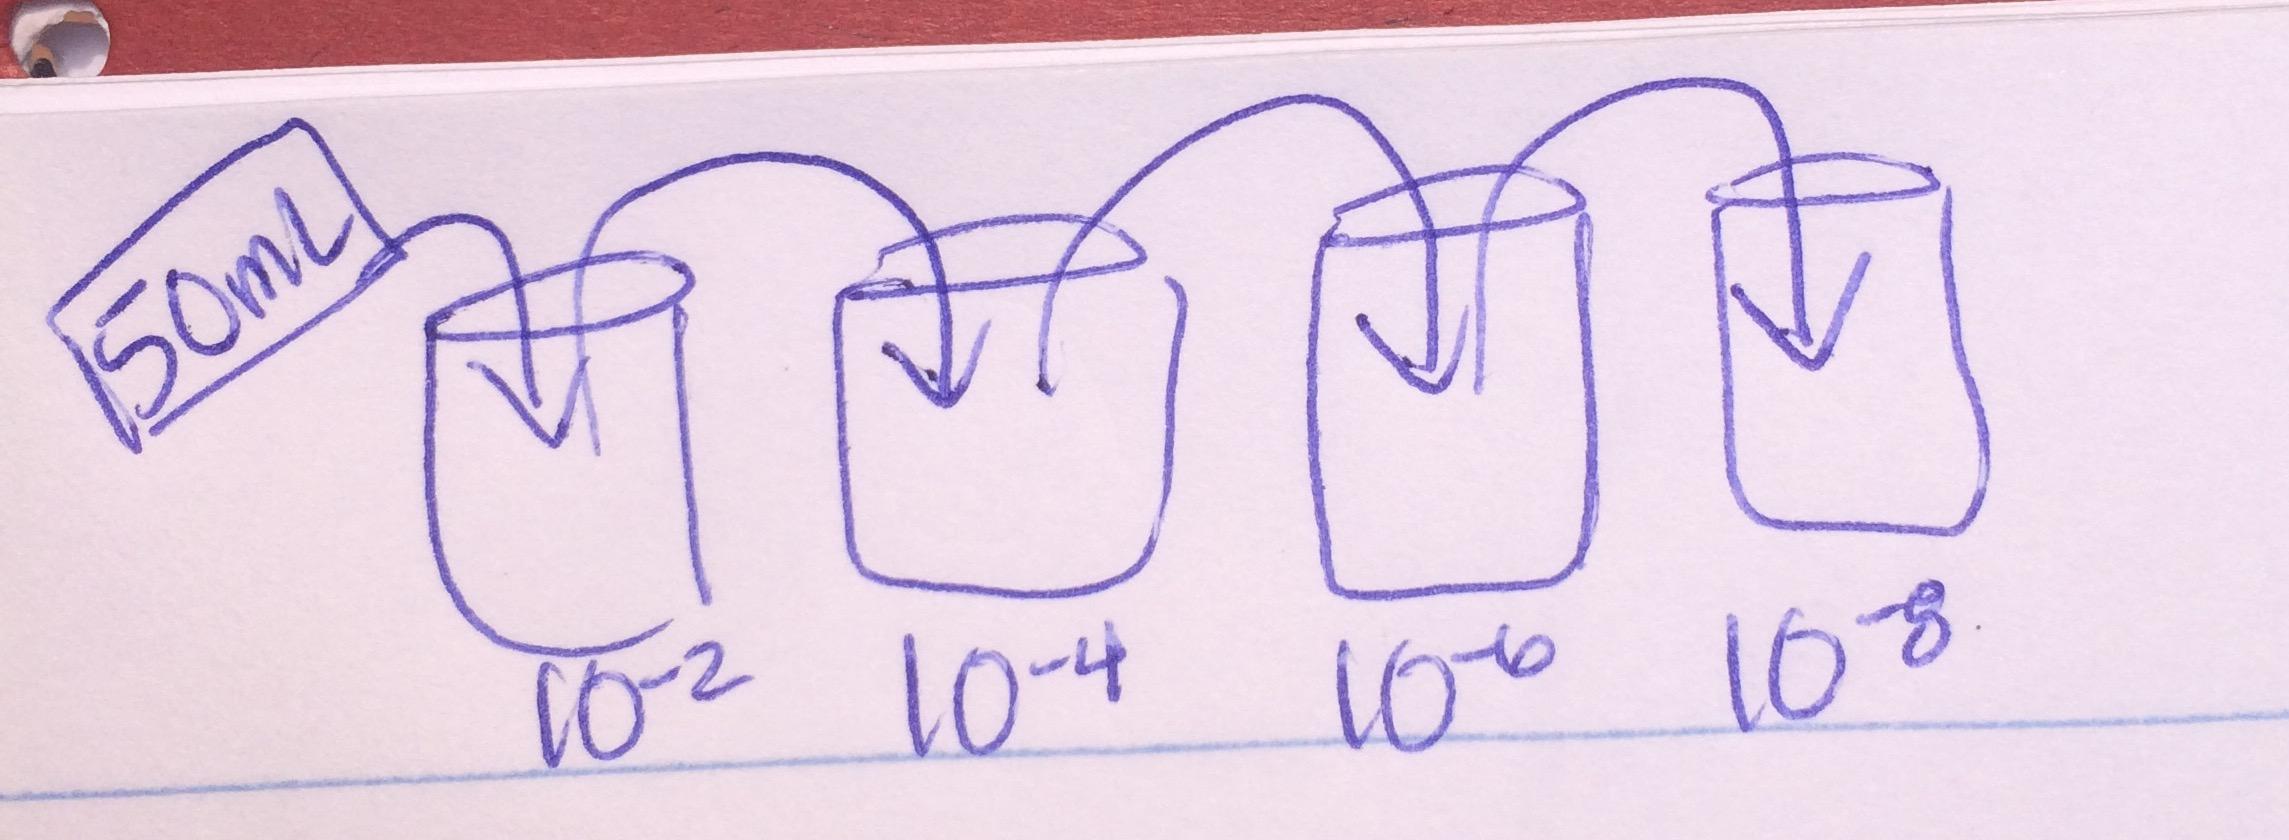 Dilution2 2.jpg